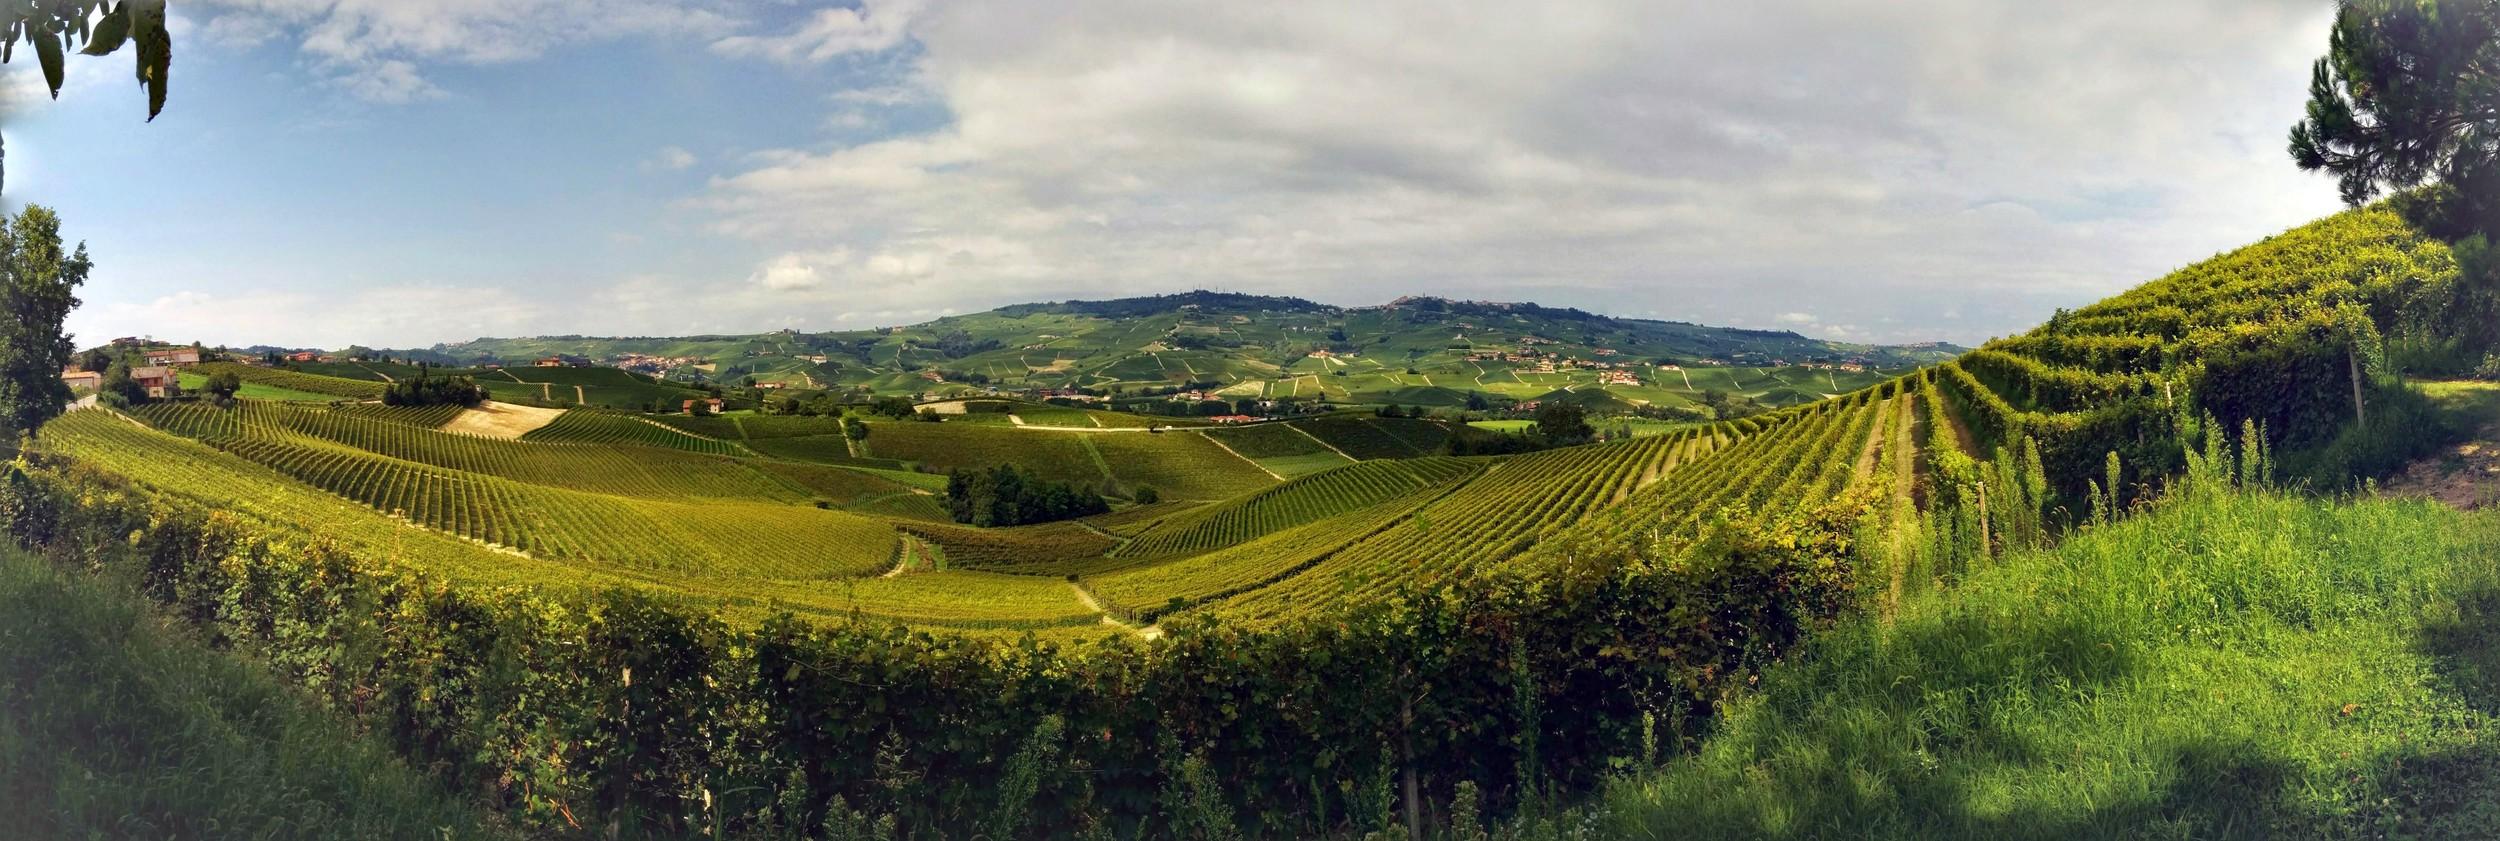 Castiglione Falletto (CN): La Morra in the distance